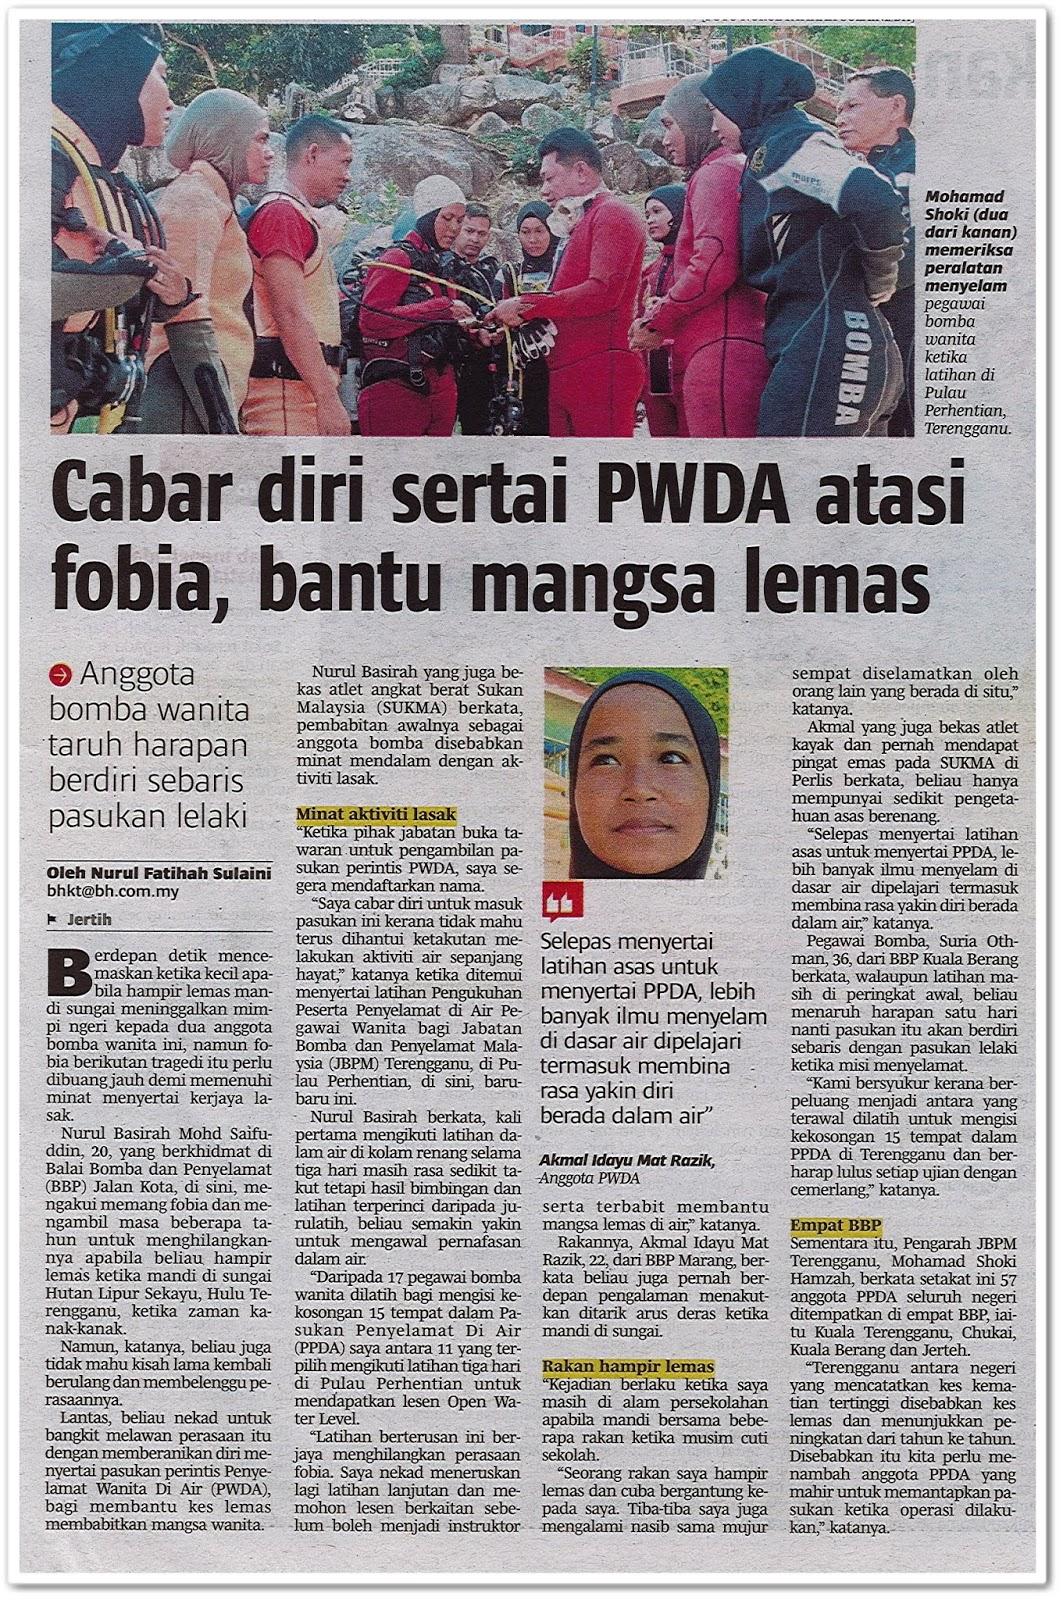 Cabar diri sertai PWDA atasi fobia, bantu mangsa lemas - Keratan akhbar Berita Harian 13 Jun 2019